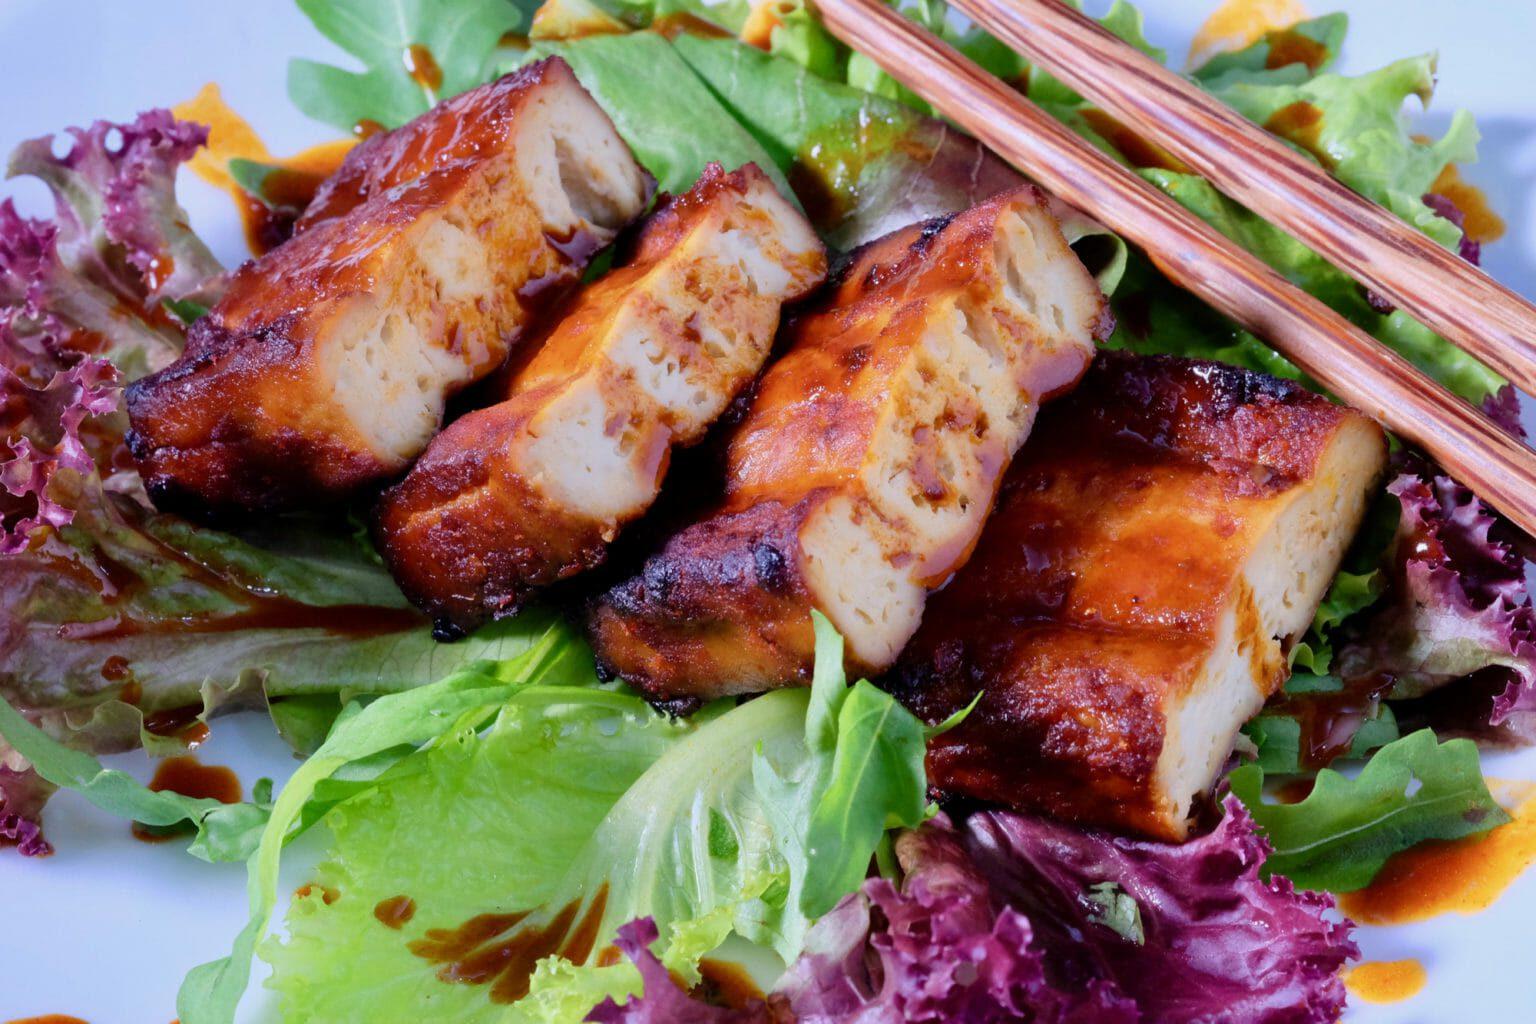 gochujang-marinated-tofu